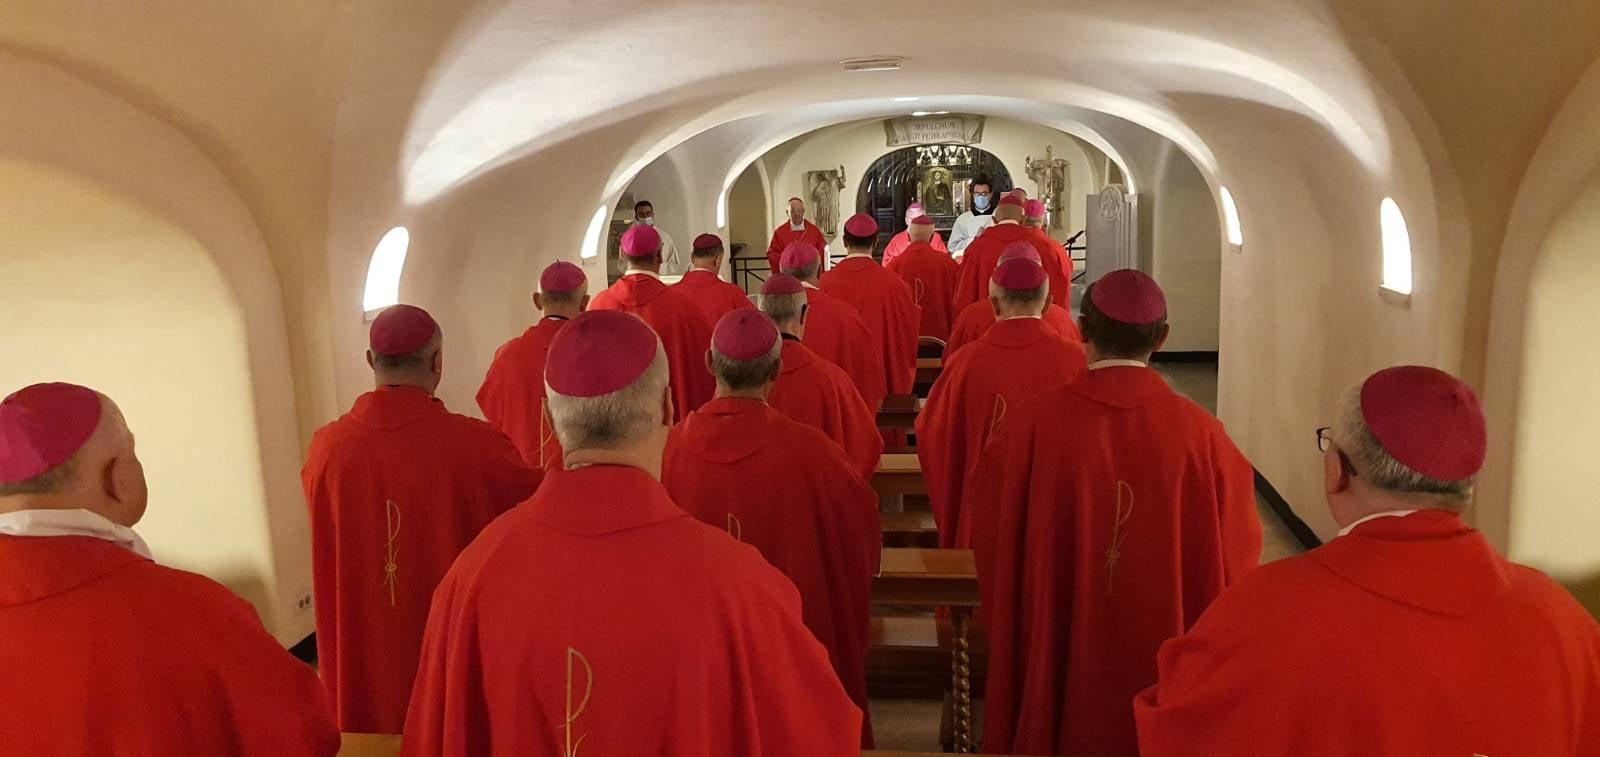 Podkarpaccy biskupi u papieża. Trwa kongres polskich hierarchów w Watykanie [ZDJĘCIA] - Zdjęcie główne